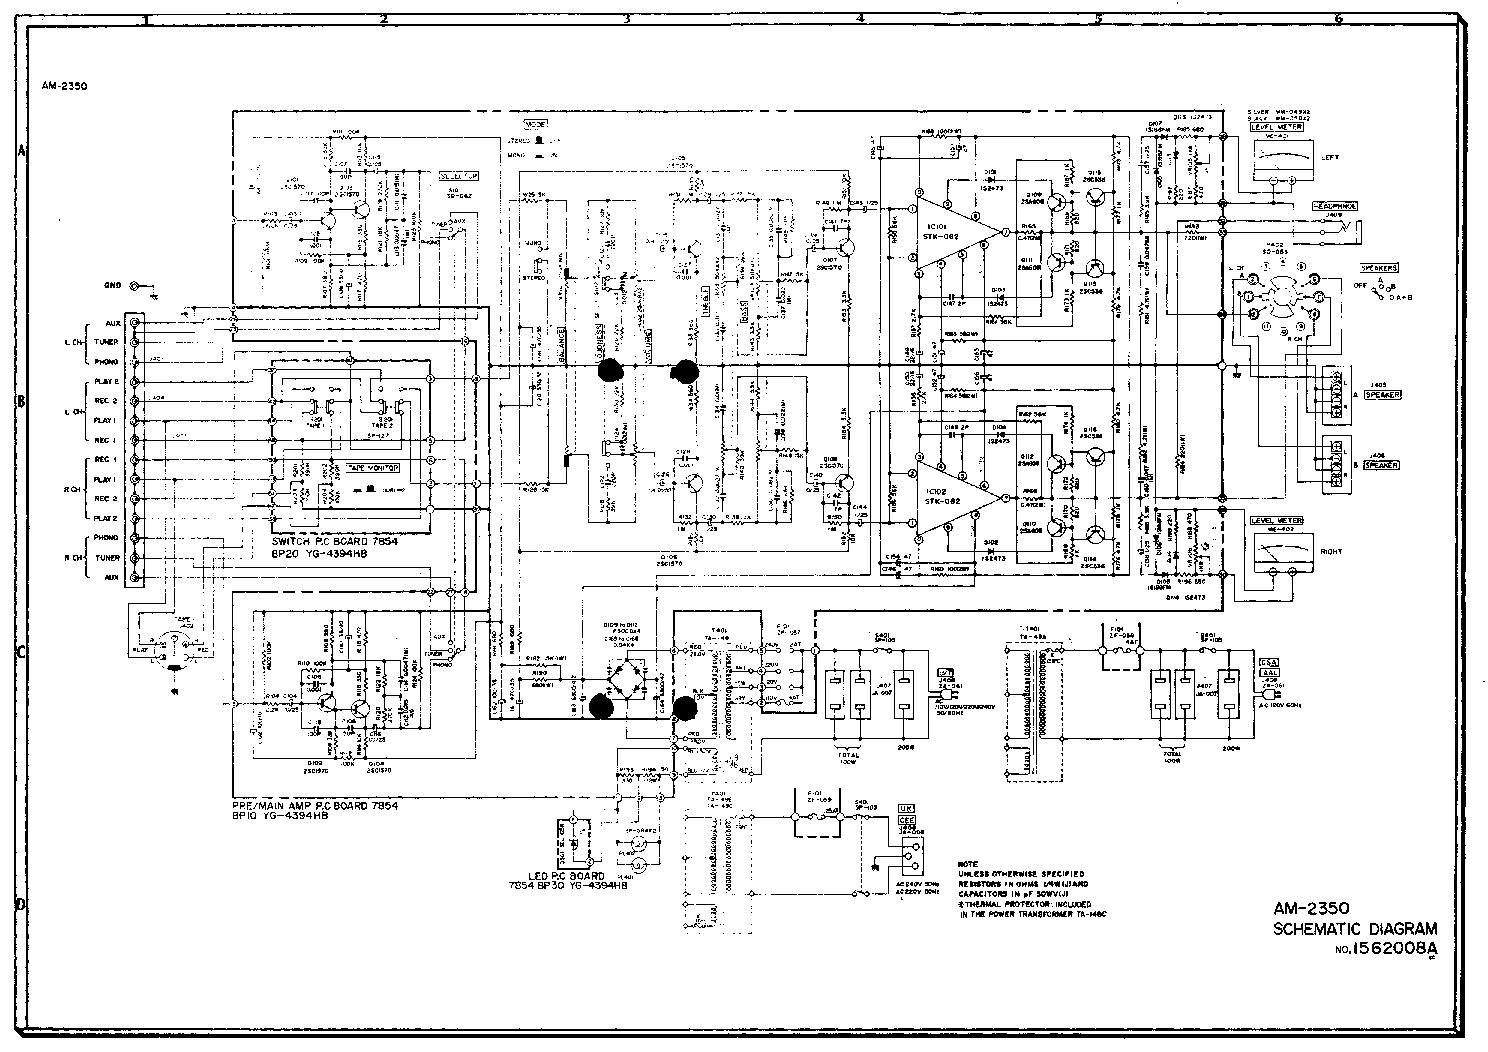 akai_am 2350_sch.pdf_1 akai am 2350 sch service manual download, schematics, eeprom akai air conditioner wiring diagram at alyssarenee.co